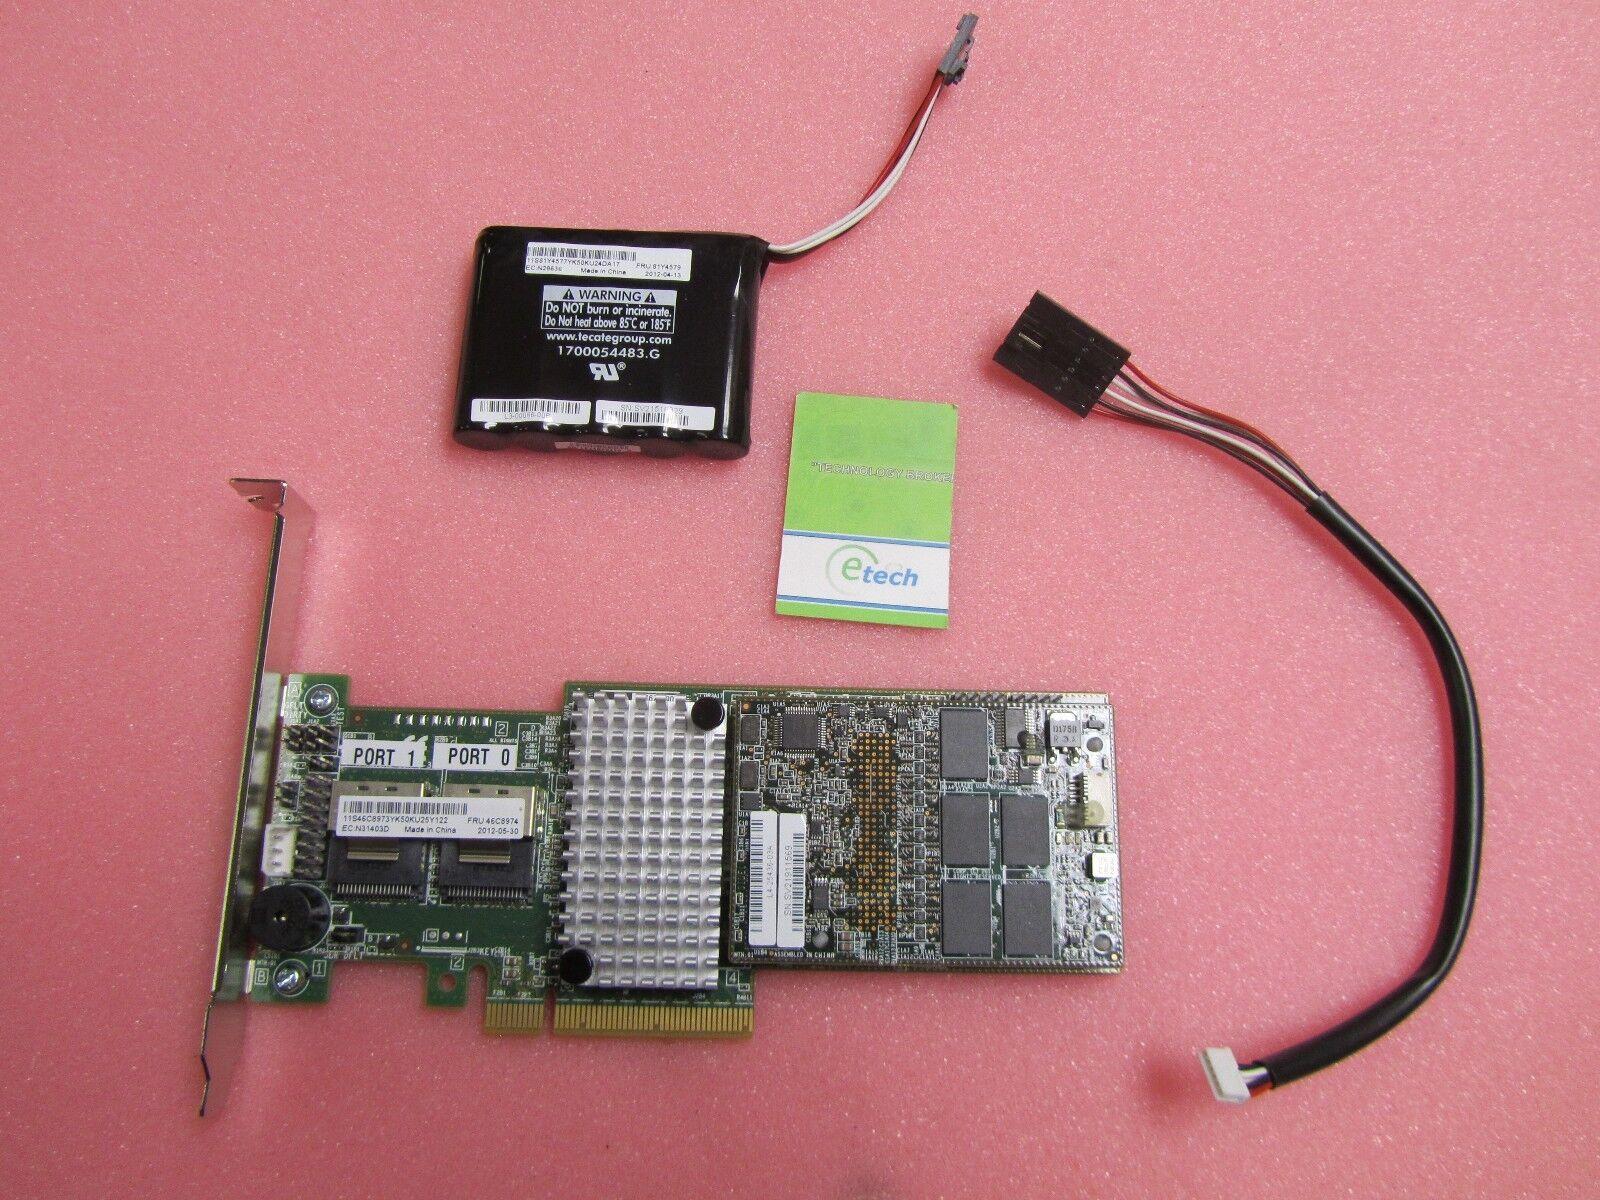 46C8974 / 90Y4304 - IBM ServeRAID M5016 SAS/SATA Controller for IBM System x